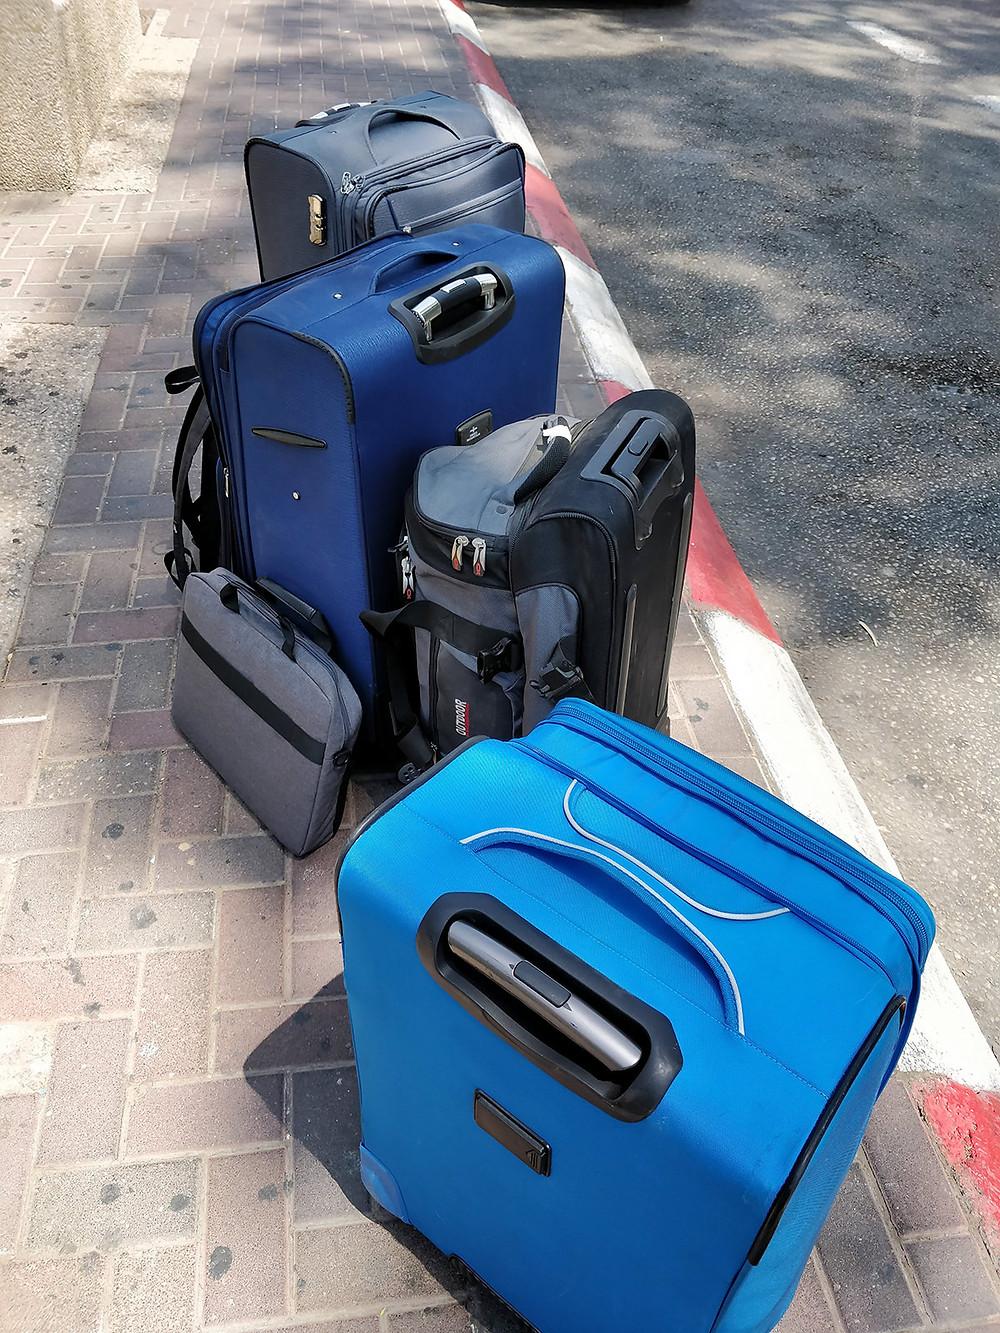 לא בפריים - עוד מזוודה, כלב וכלוב טיסה